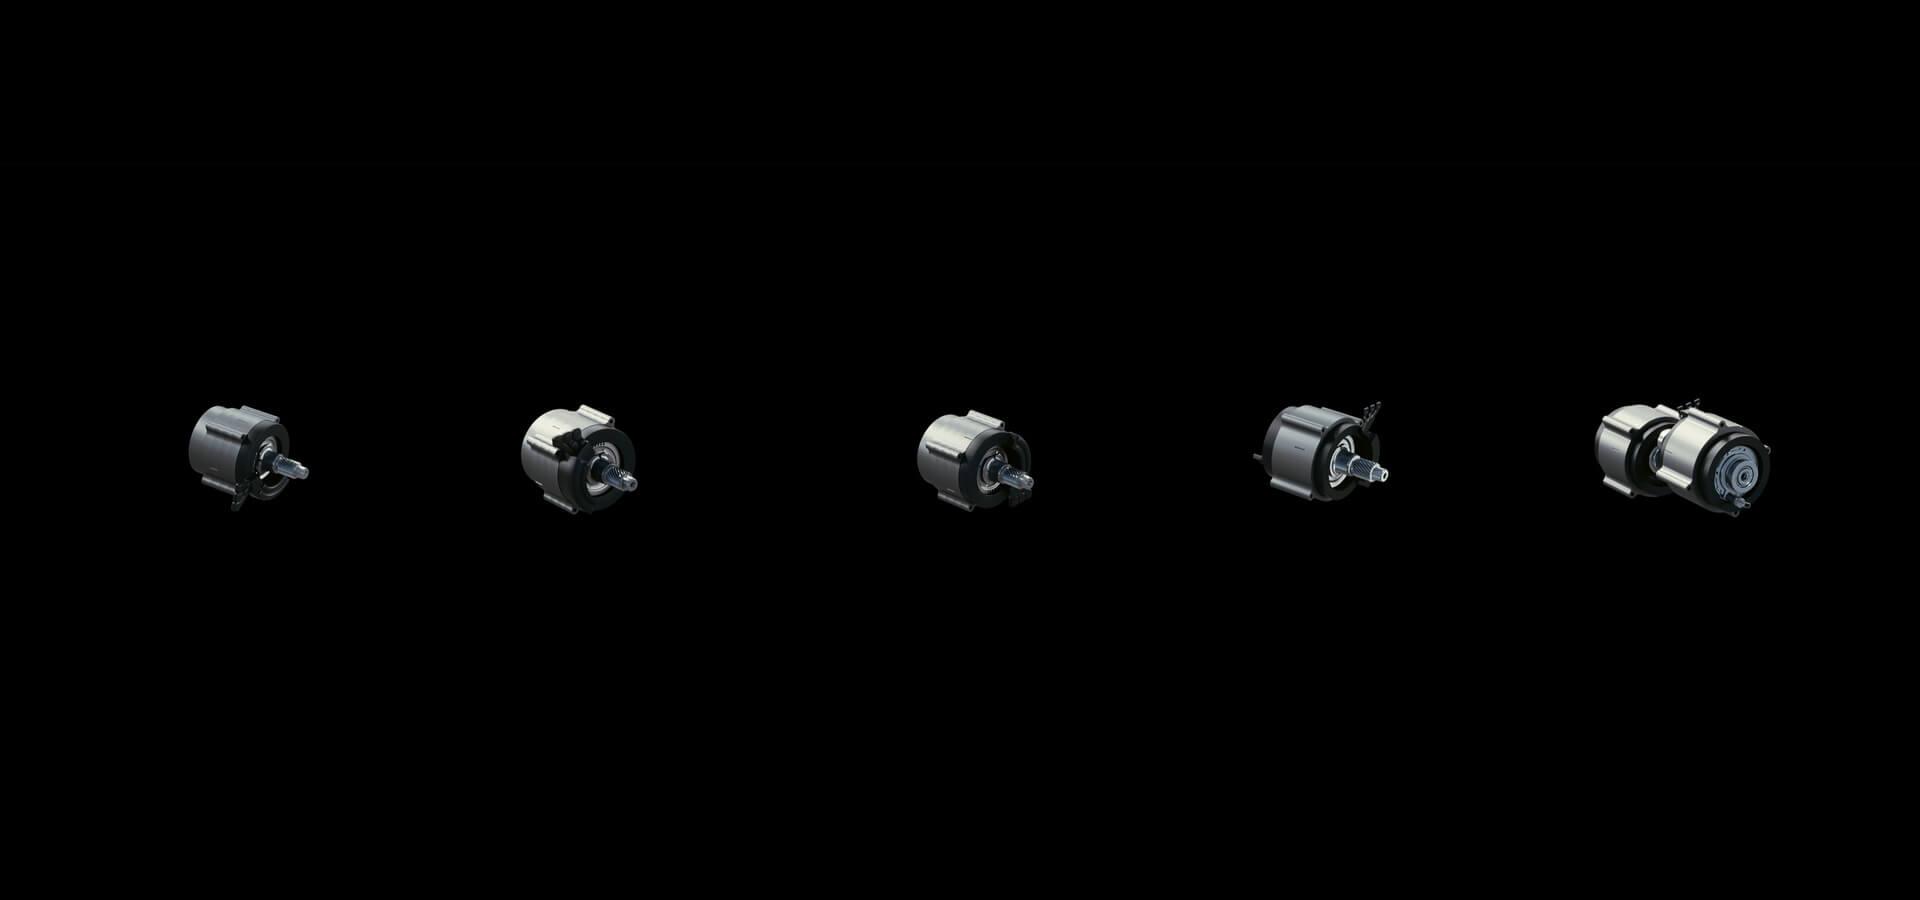 Ultium Drive будет приводиться в движение тремя двигателями с лучшими в отрасли крутящим моментом и удельной мощностью для широкого спектра различных типов транспортных средств